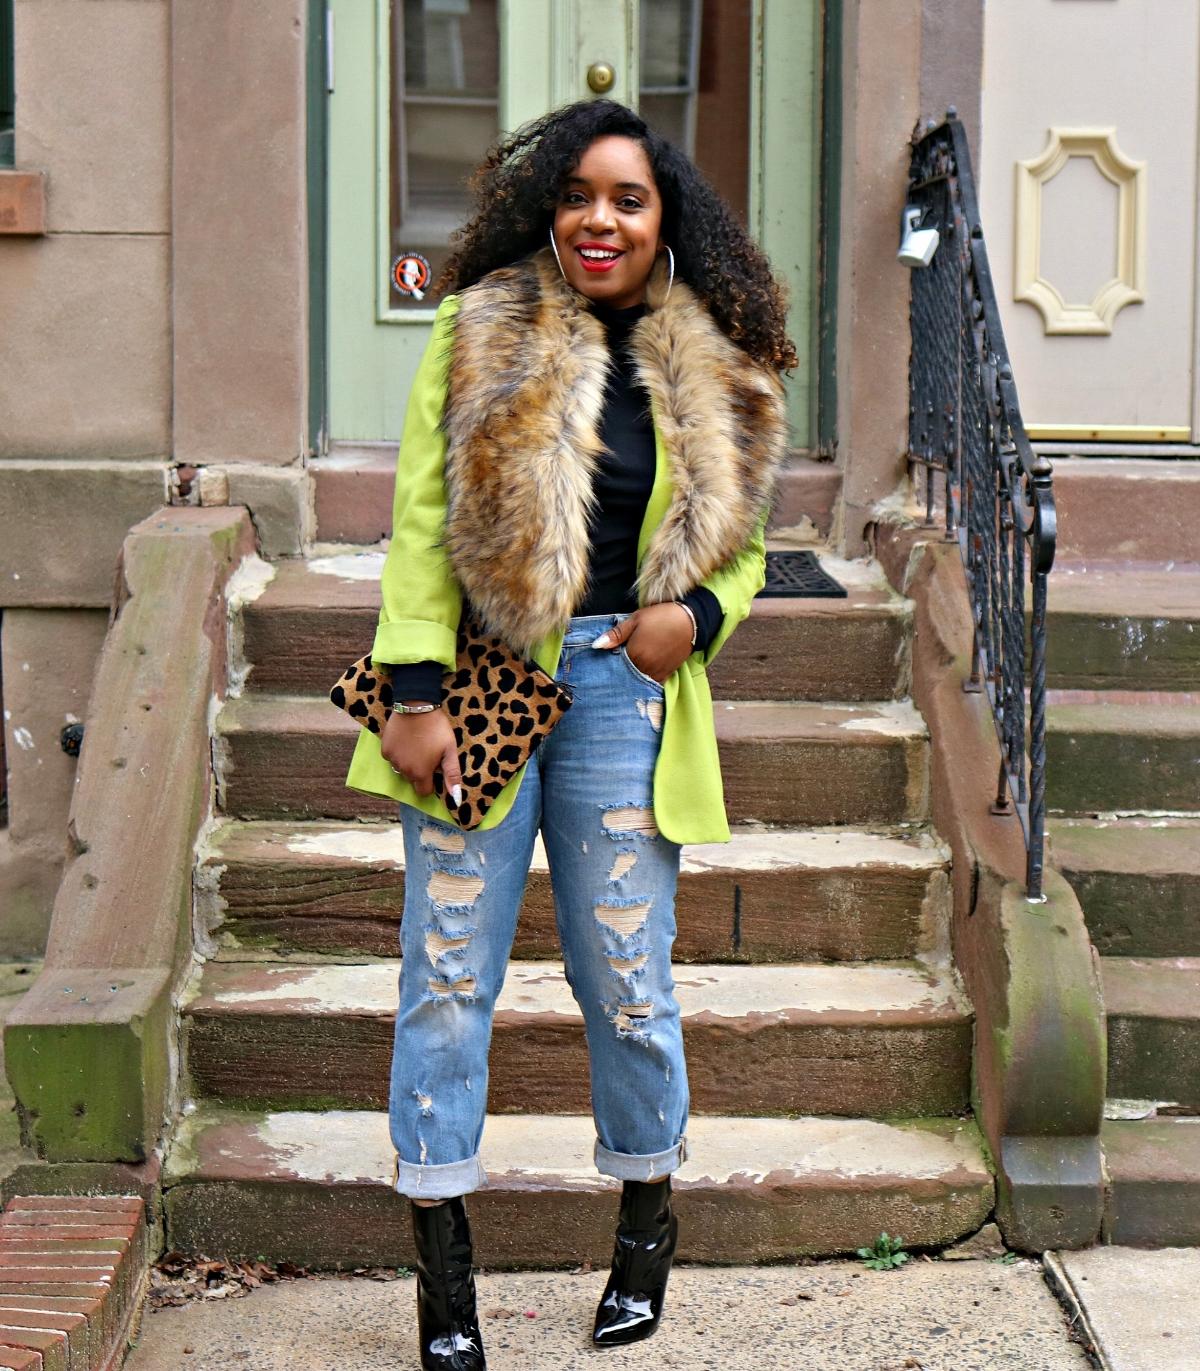 Leopard clutch, distressed boyfriend jeans, green boyfriend blazer, patent booties, faux fur